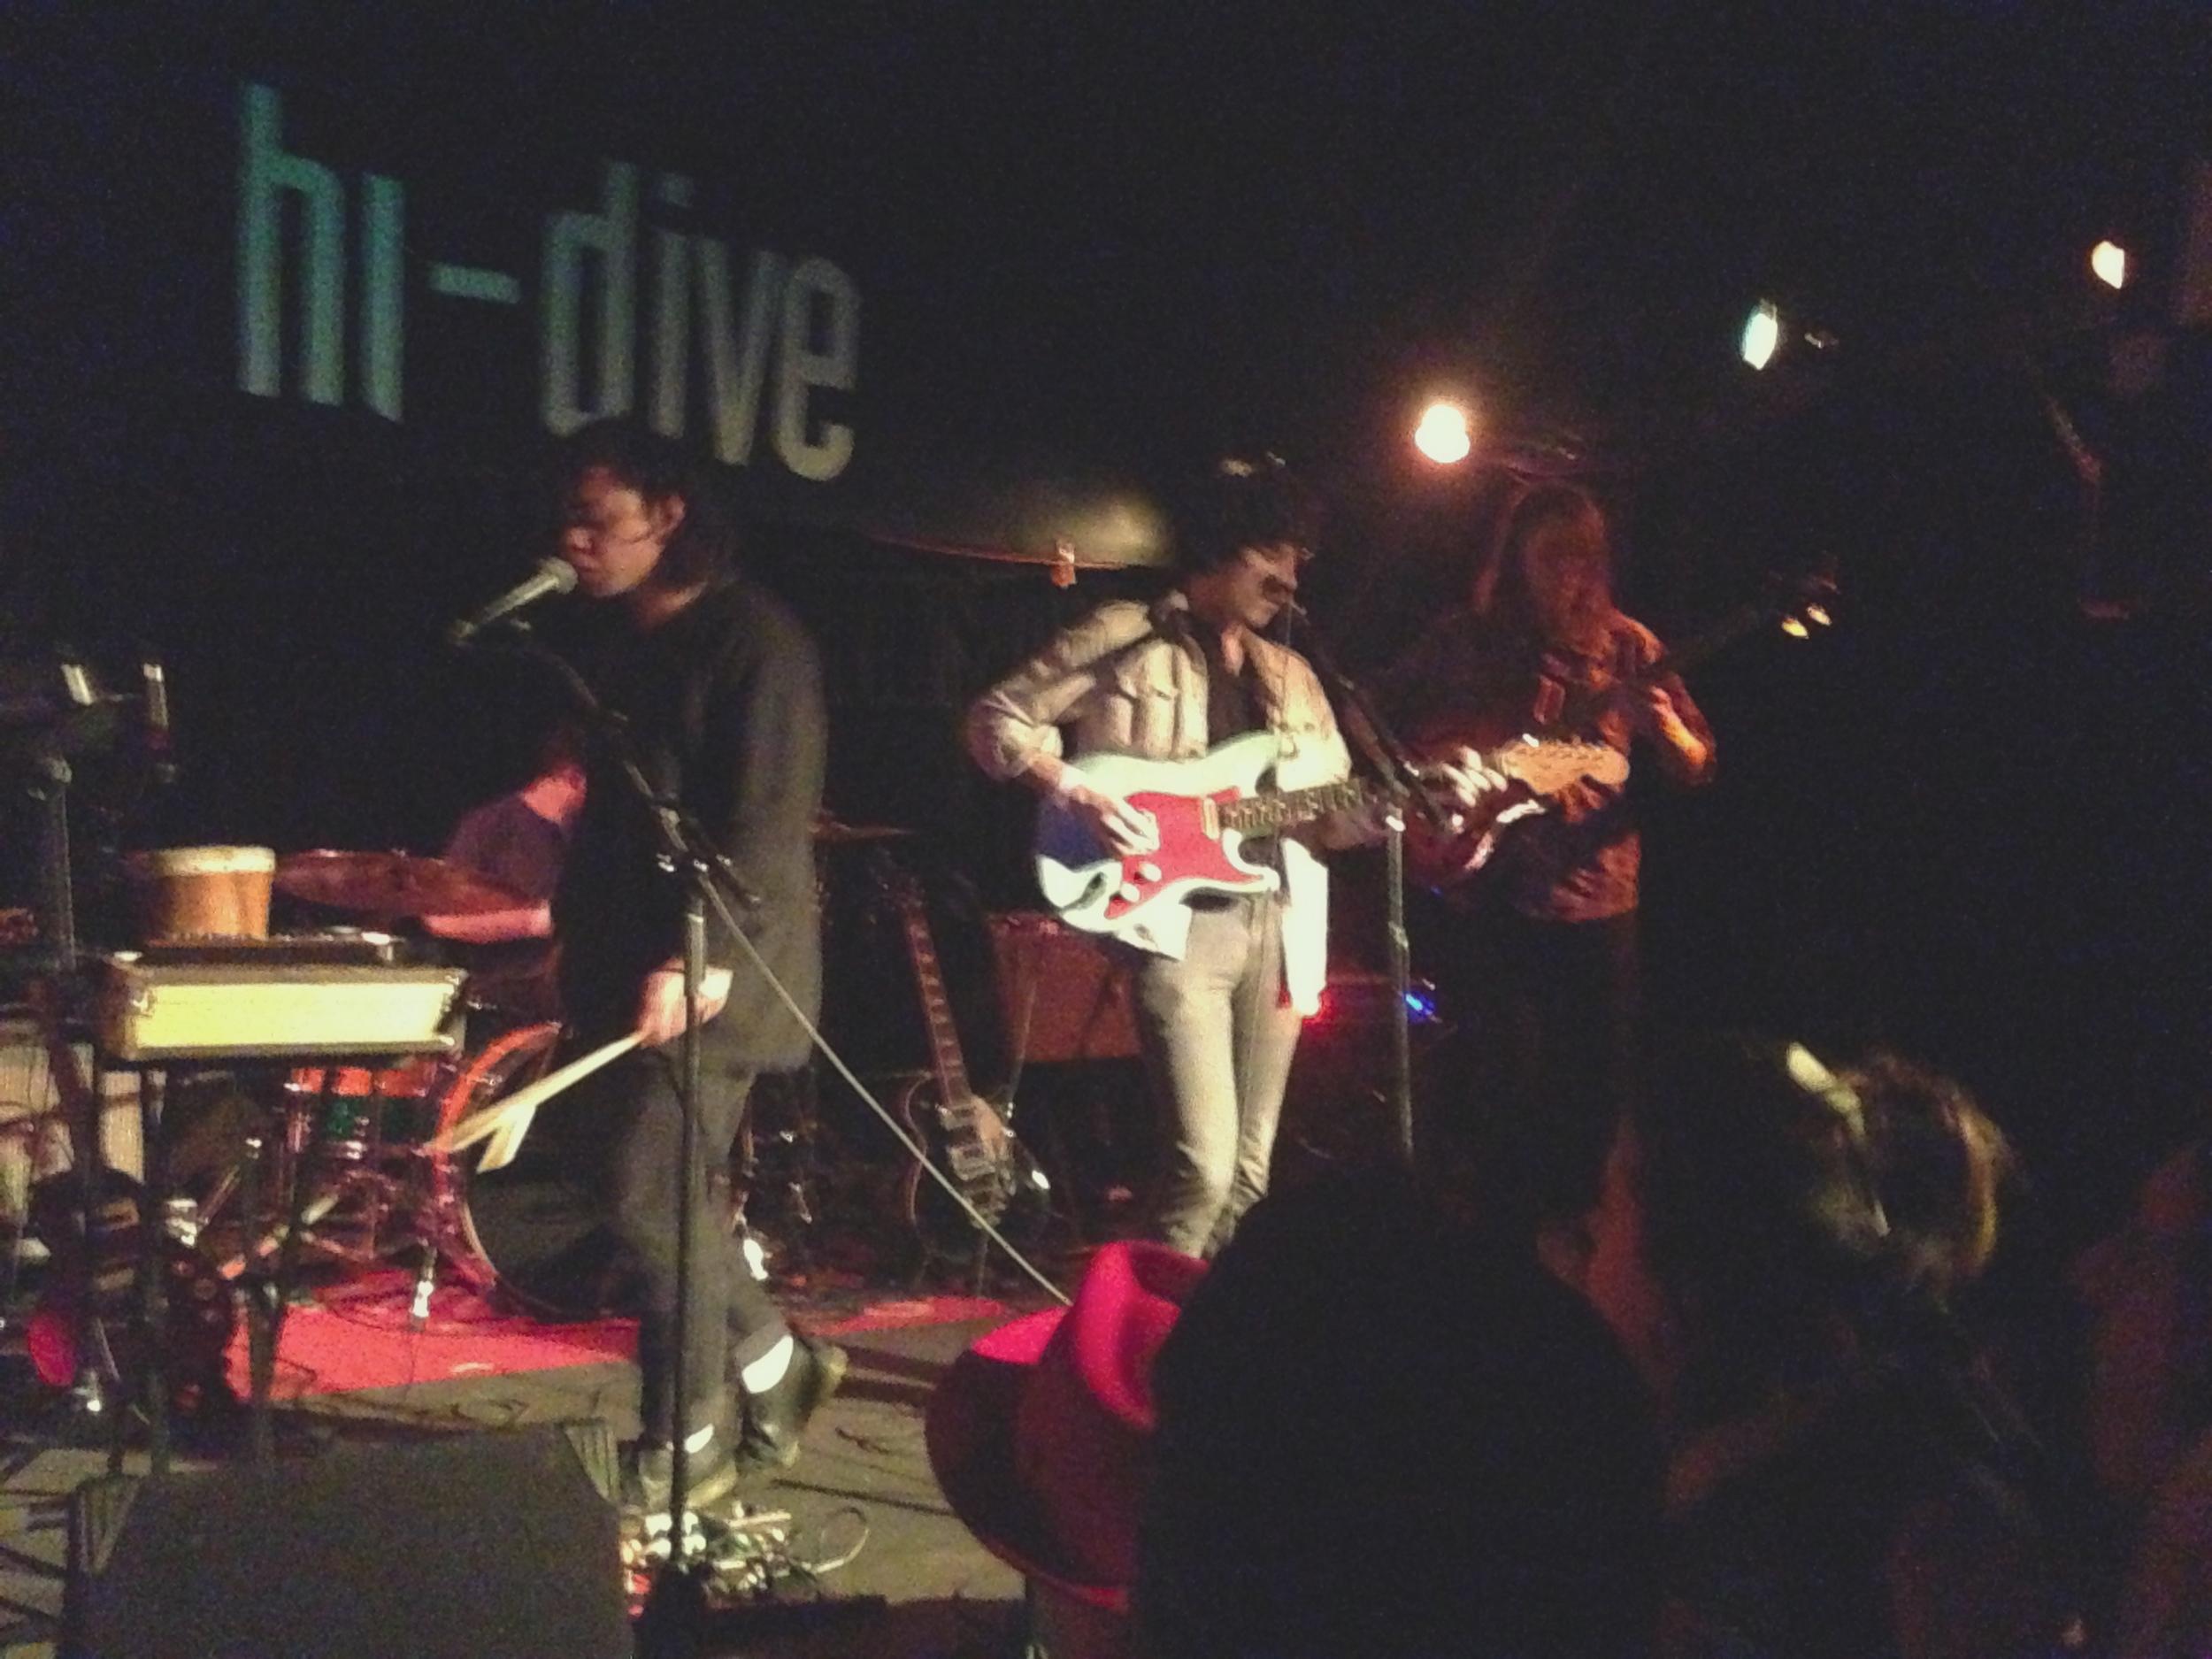 Craft Spells @ The Hi-Dive 3.23.15